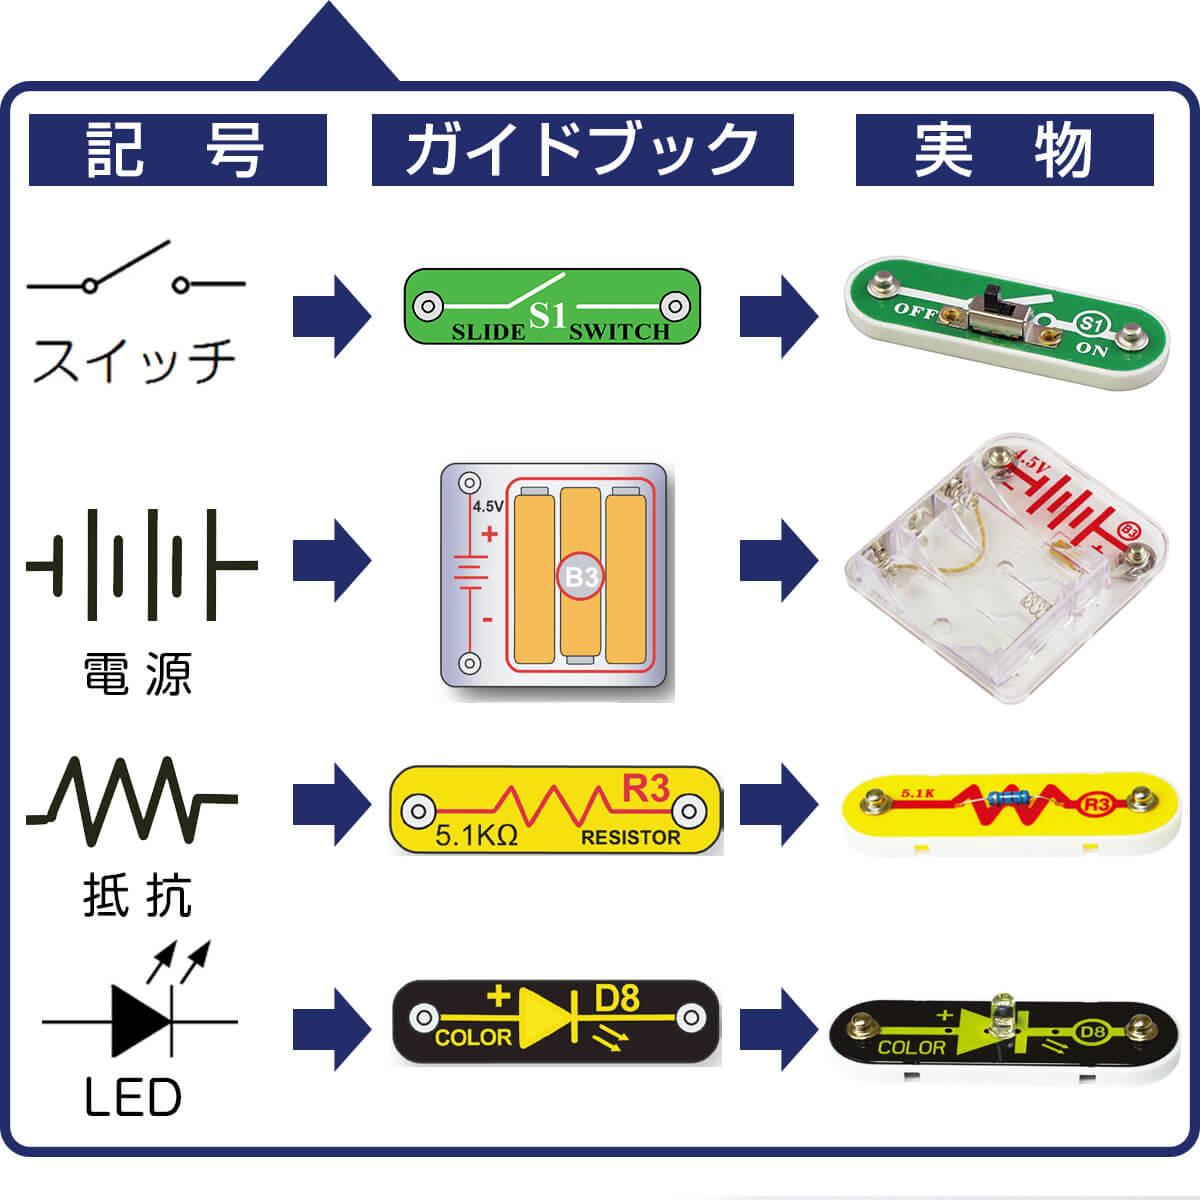 実際の回路図と同じ記号を採用